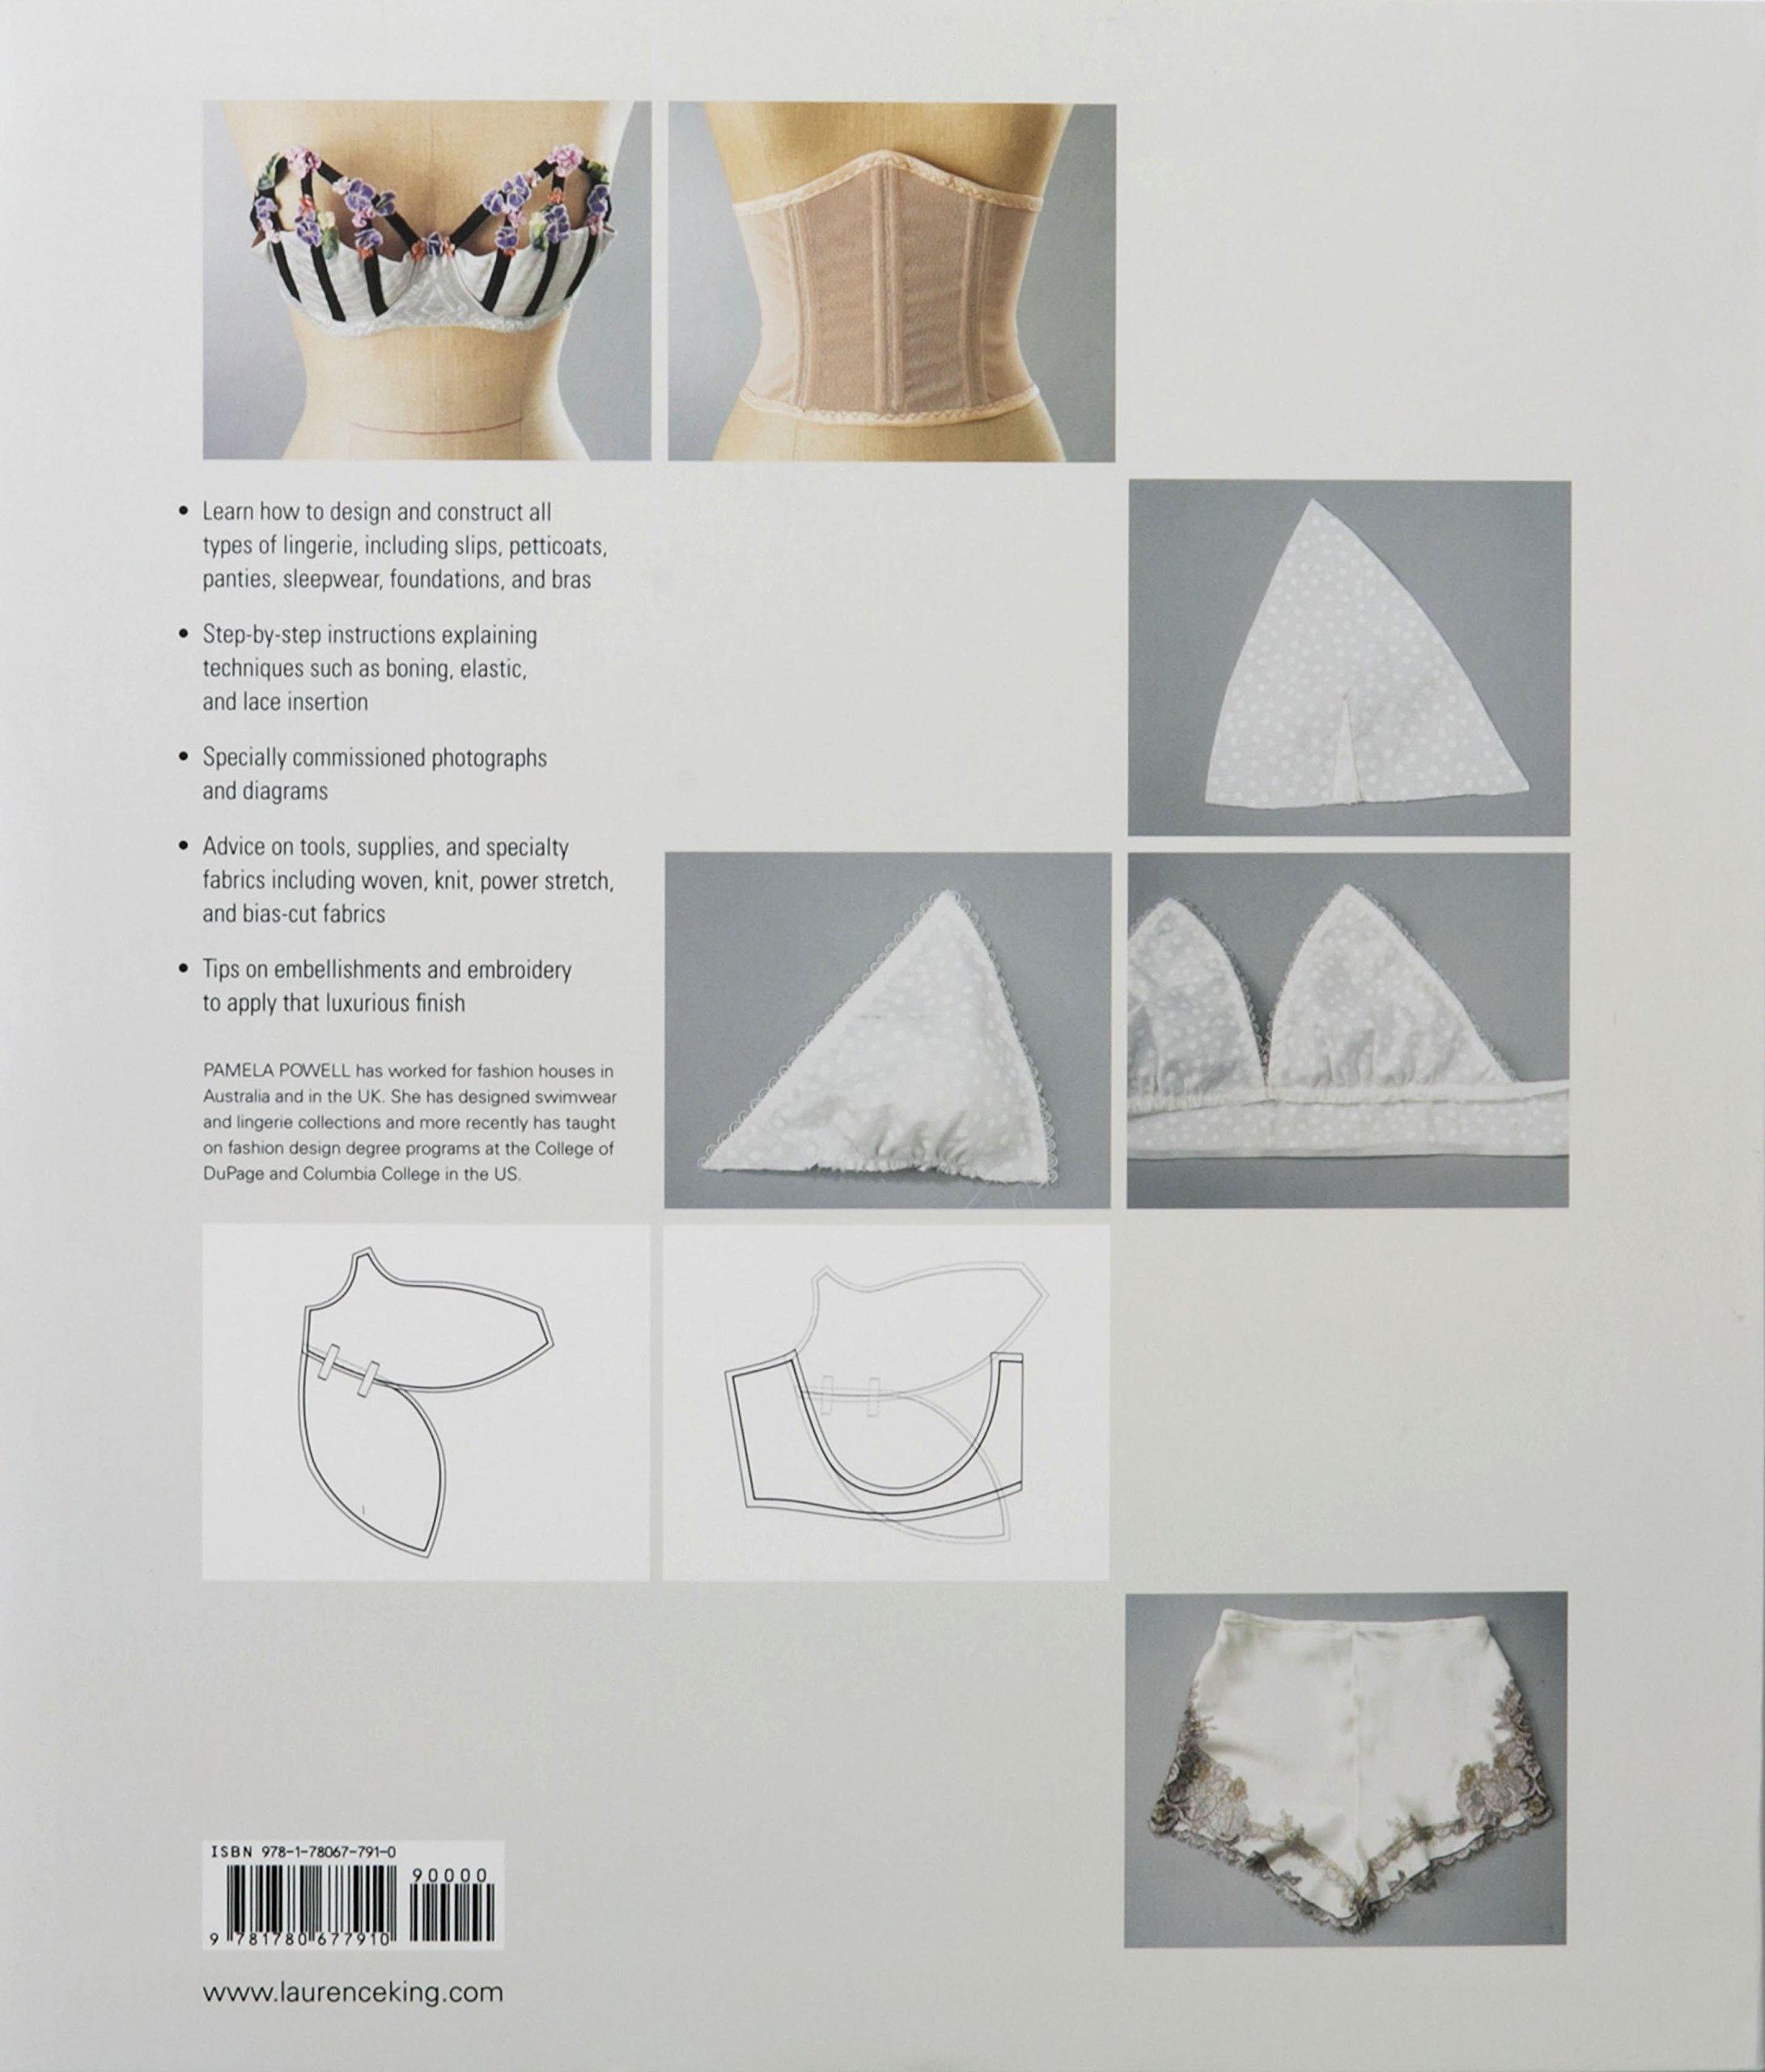 Lingerie Design A Complete Course Powell Pamela 9781780677910 Amazon Com Books